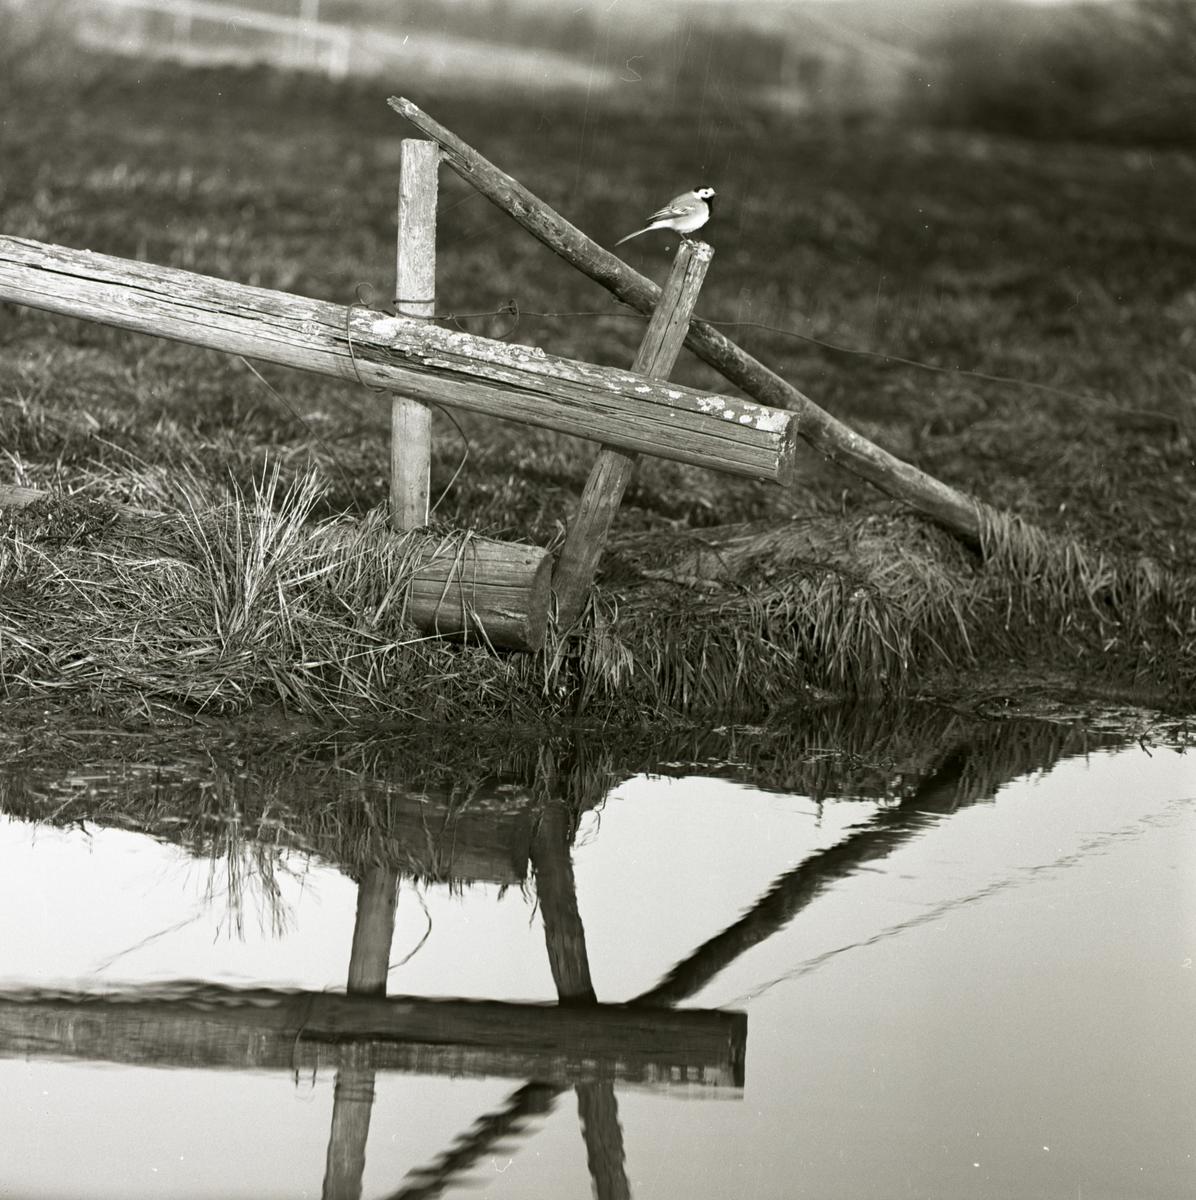 En sädesärla sitter på en stolpe intill ett vattendrag, våren 1961.